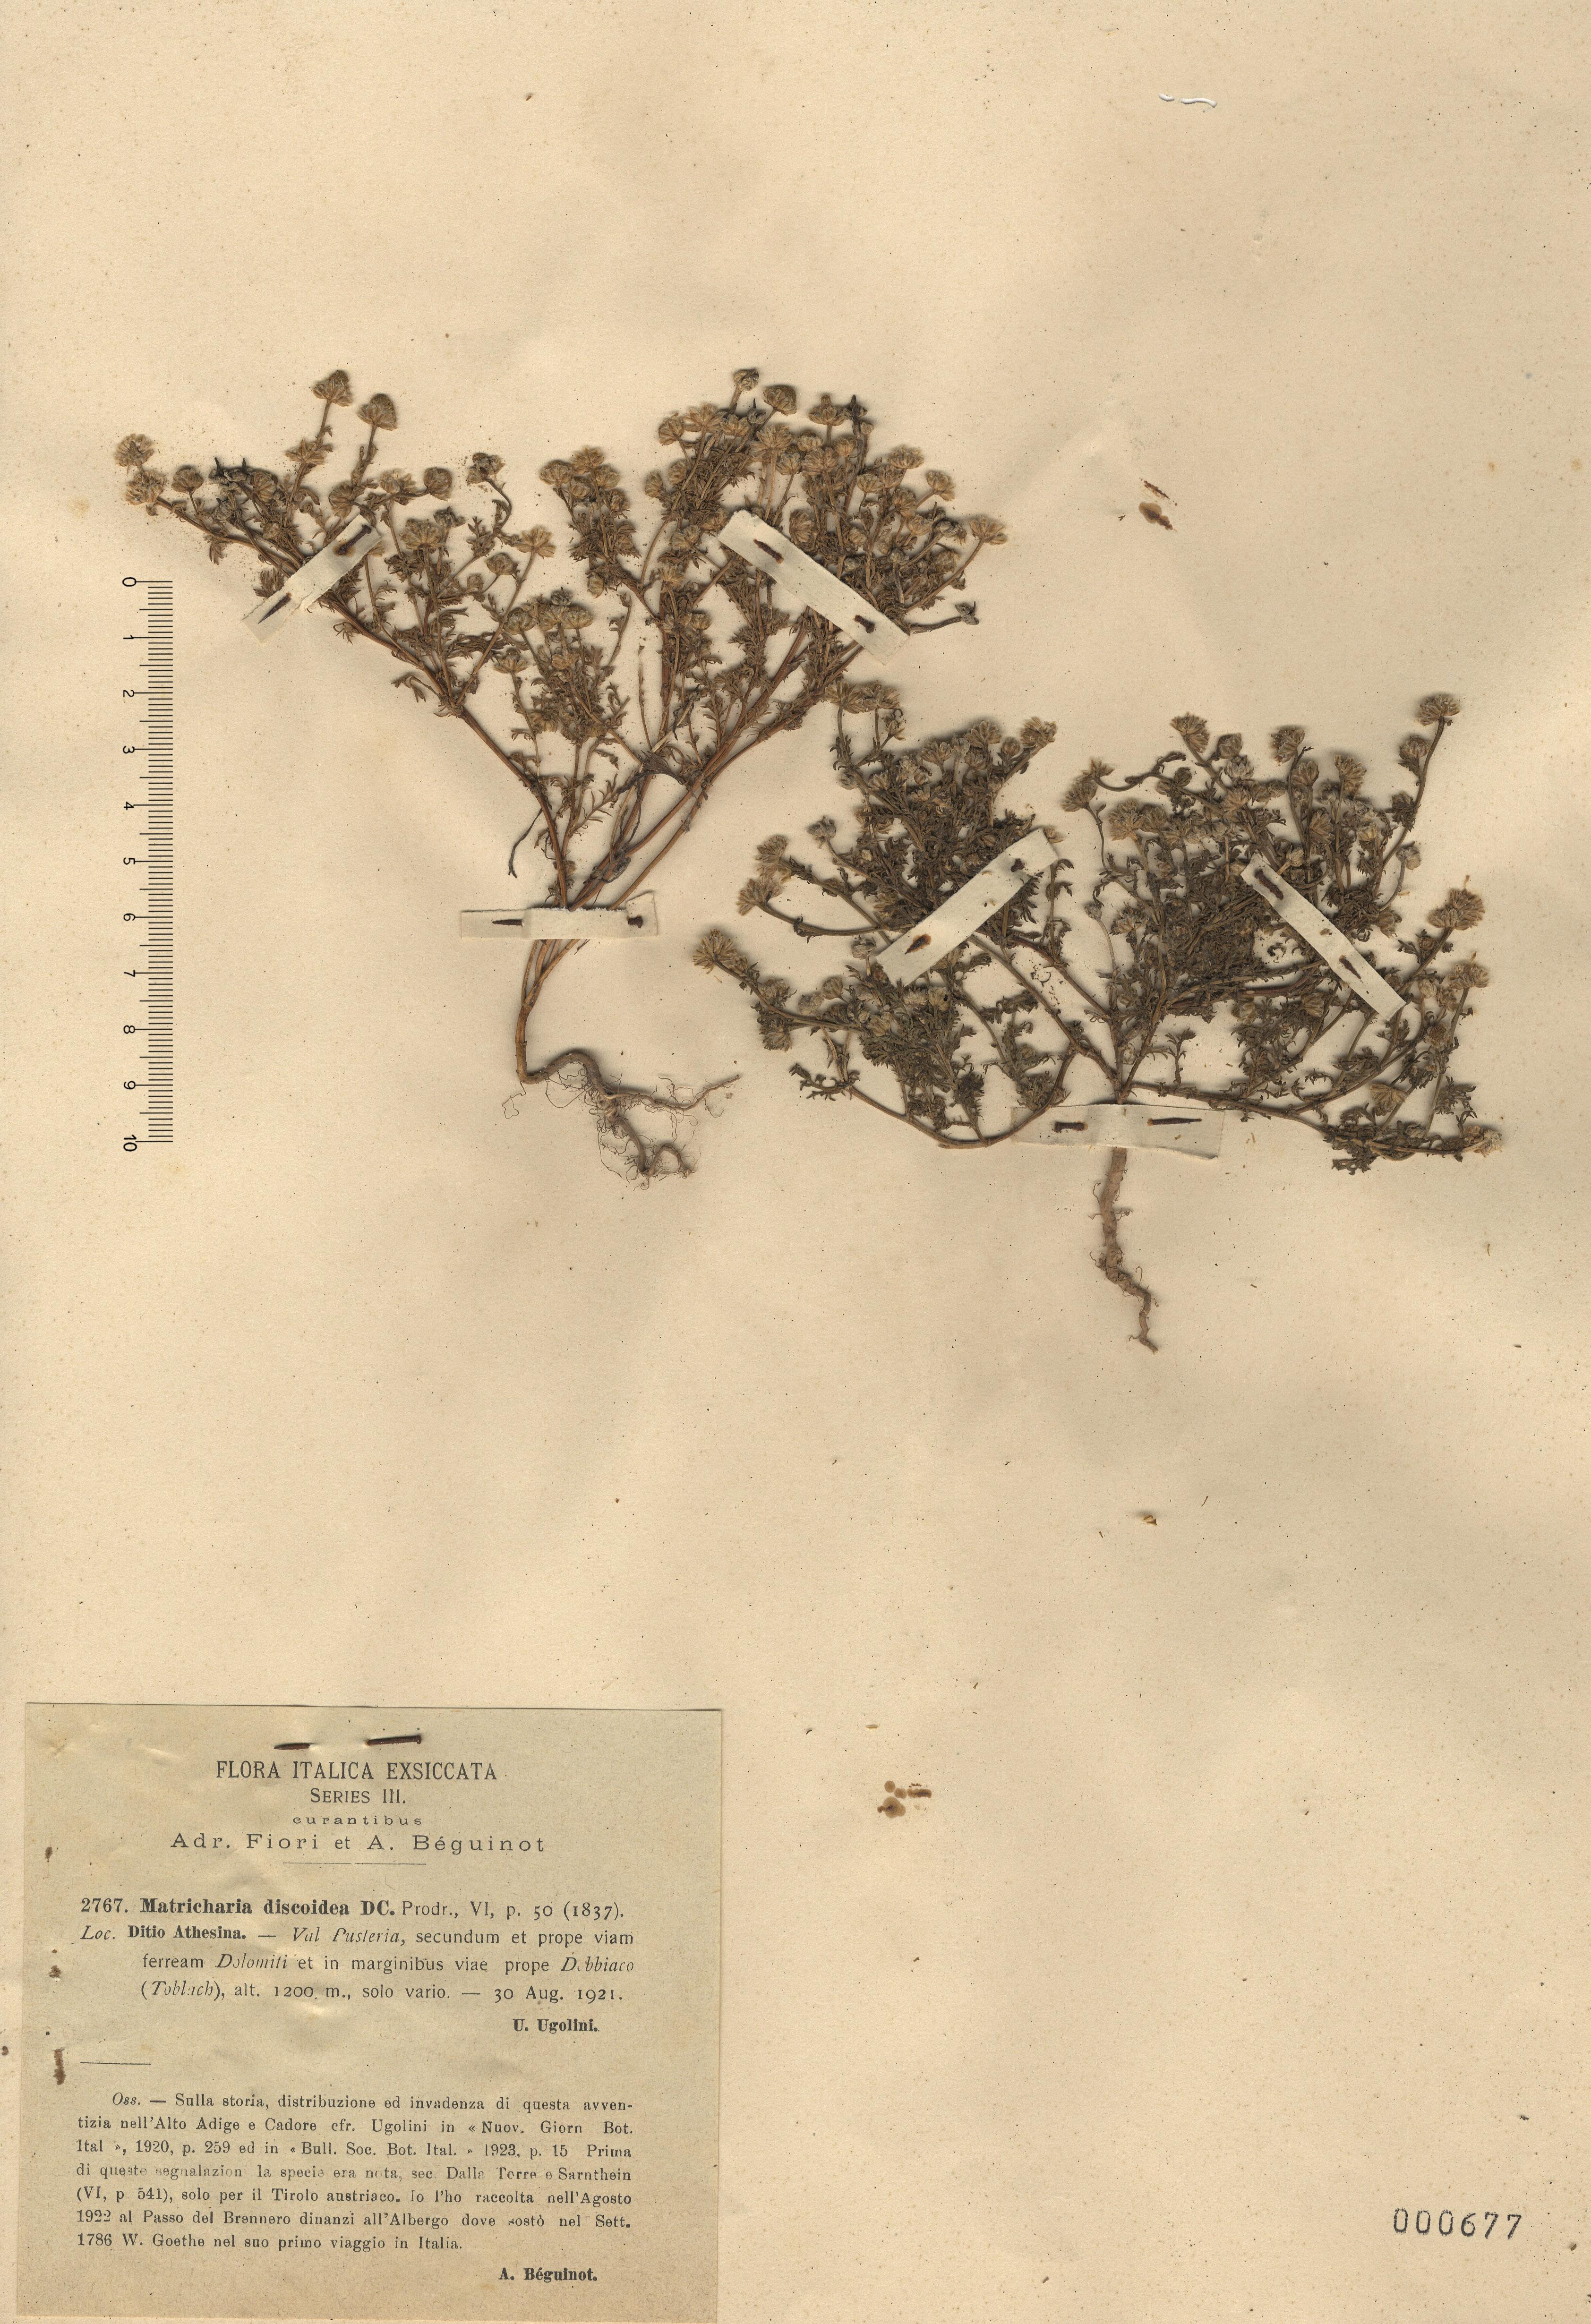 © Hortus Botanicus Catinensis - Herb. sheet 000677<br>